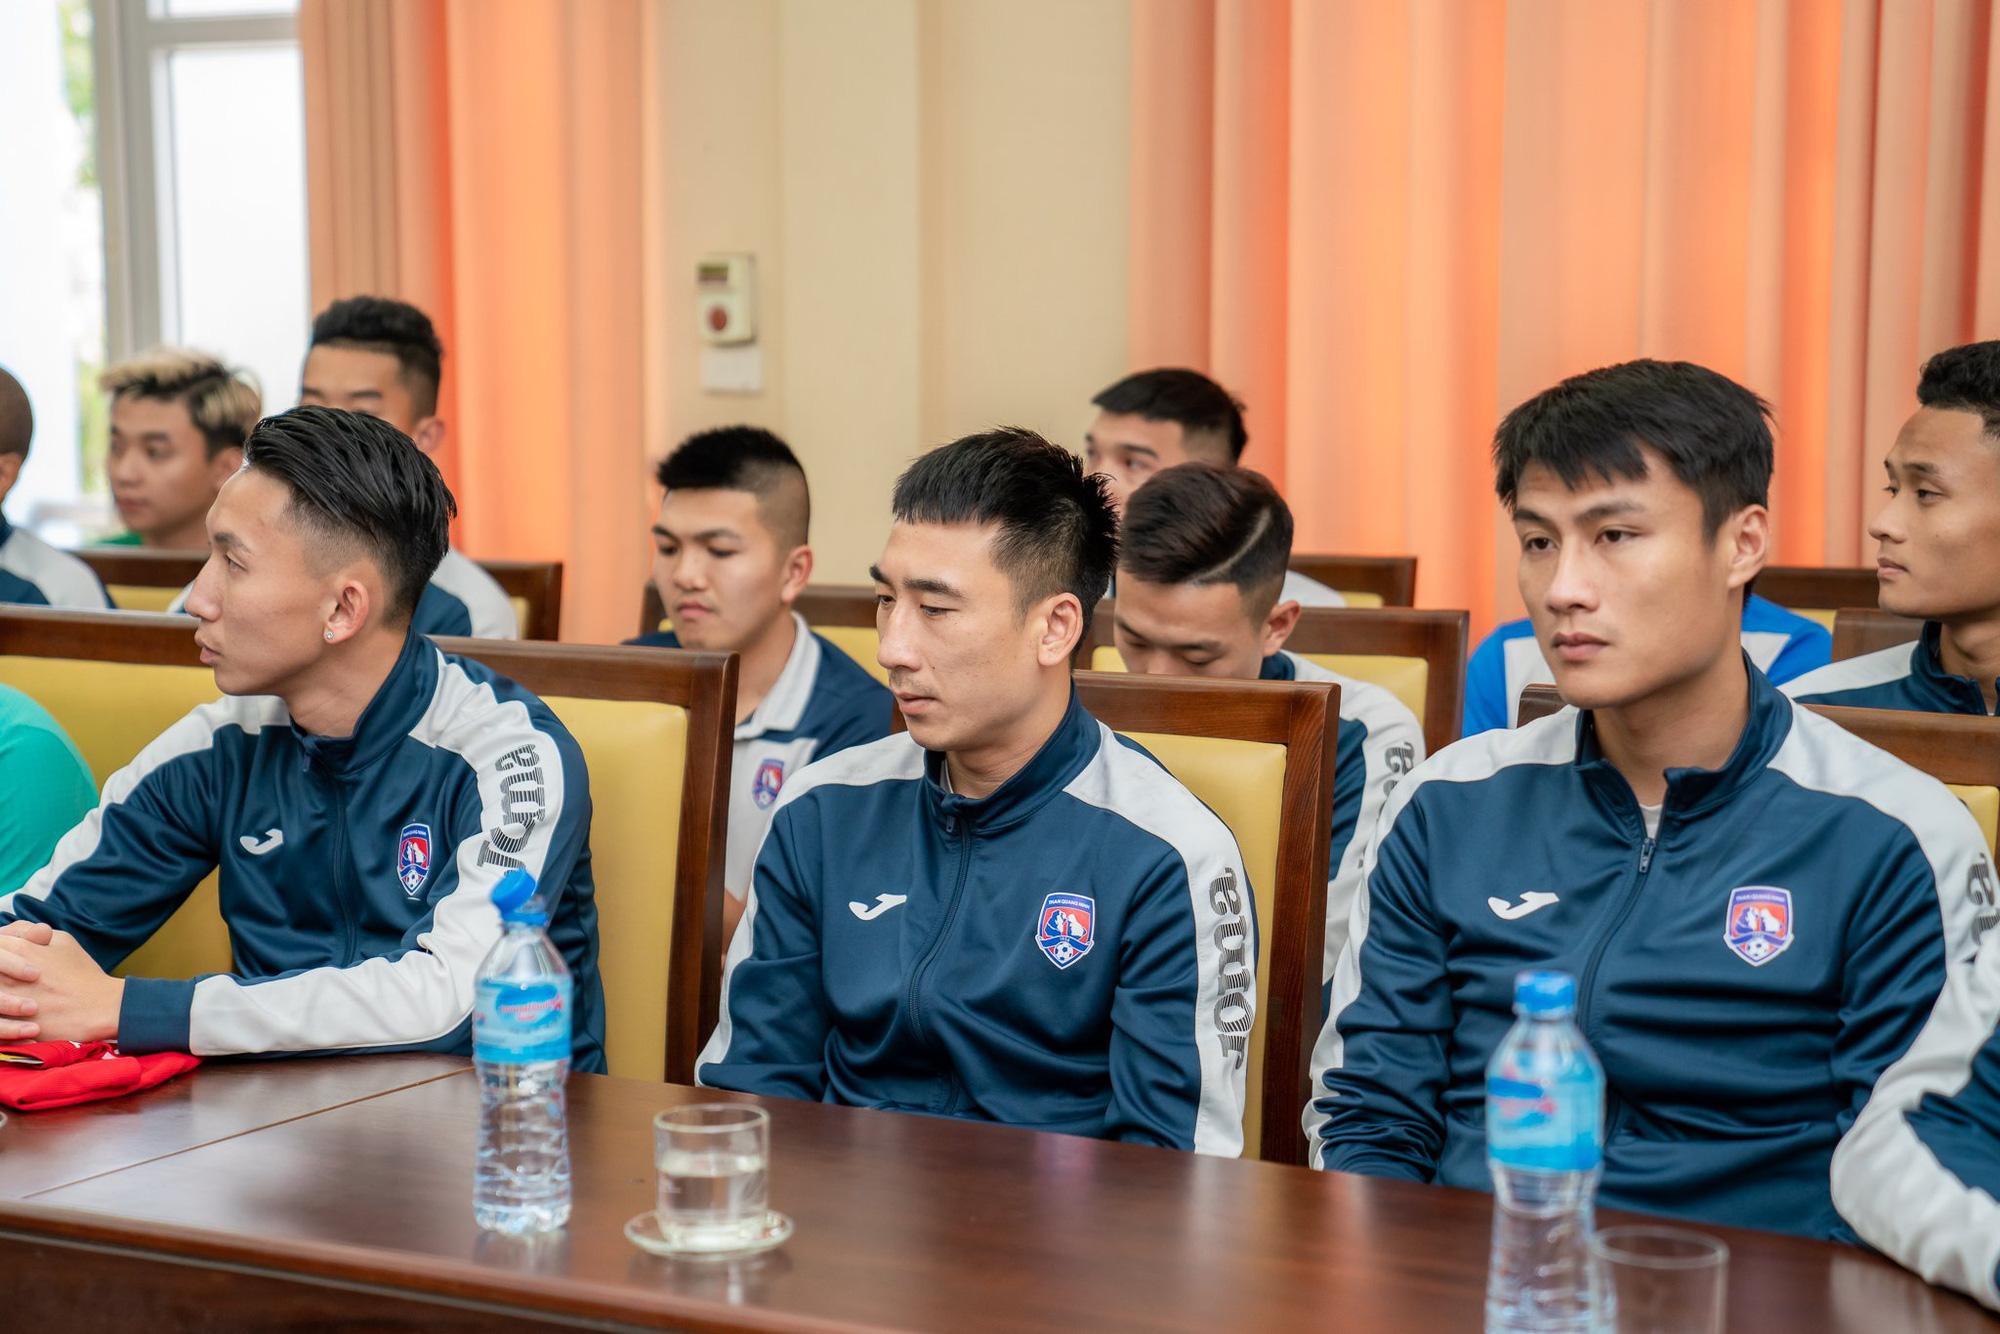 NÓNG: CLB Than Quảng Ninh được nhóm CĐV đặc biệt tặng 1,5 tỷ - Ảnh 5.